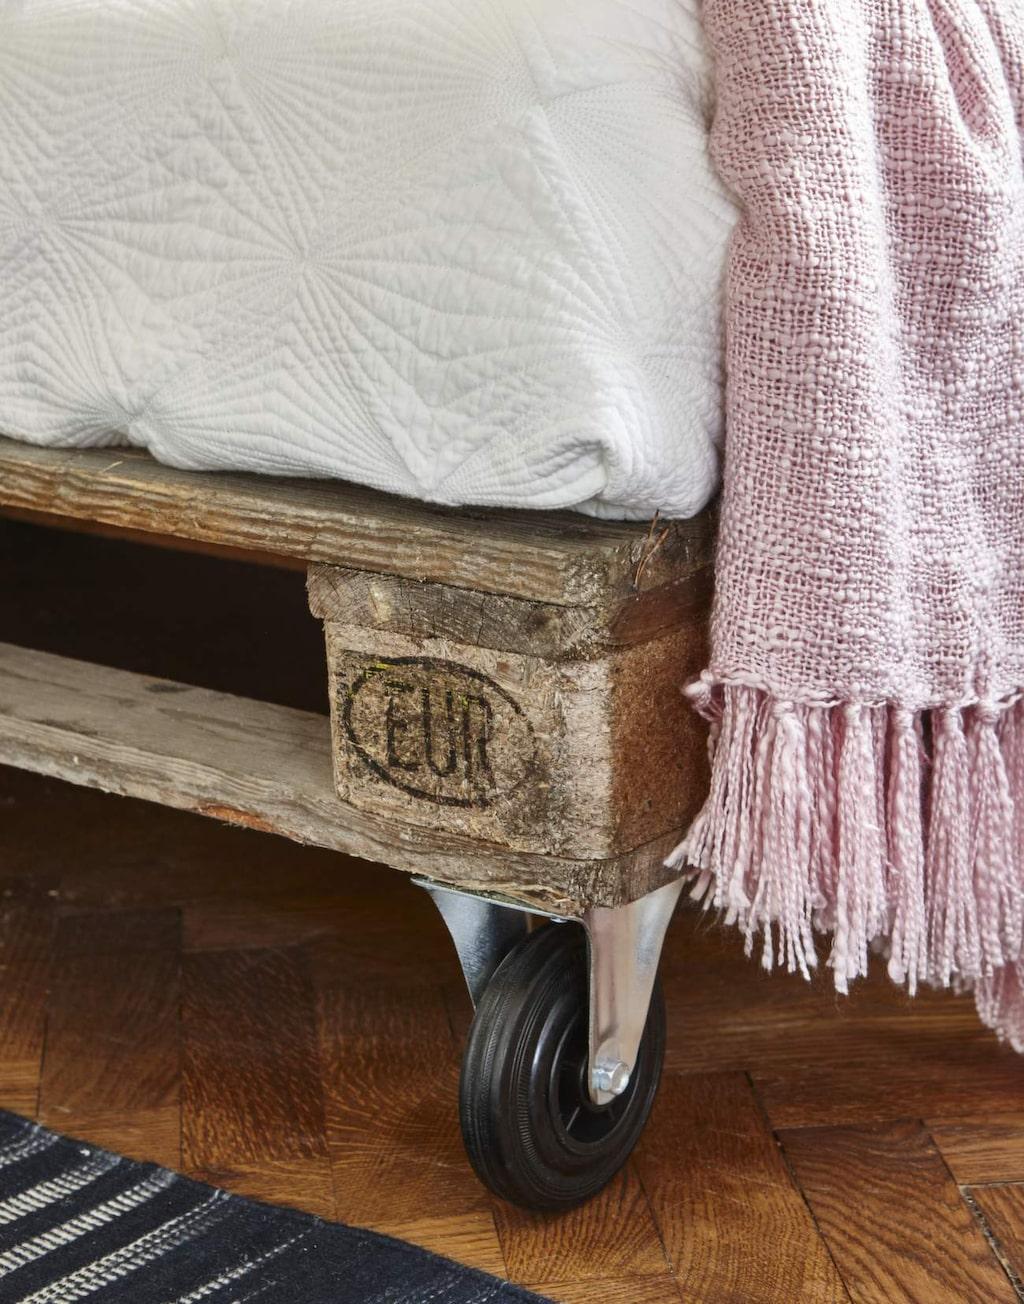 Hjul under lastpallarna, gör soffan både flexibel och flyttbar samt att den kommer upp en bit. Hjul, 49 kronor styck, Jula.